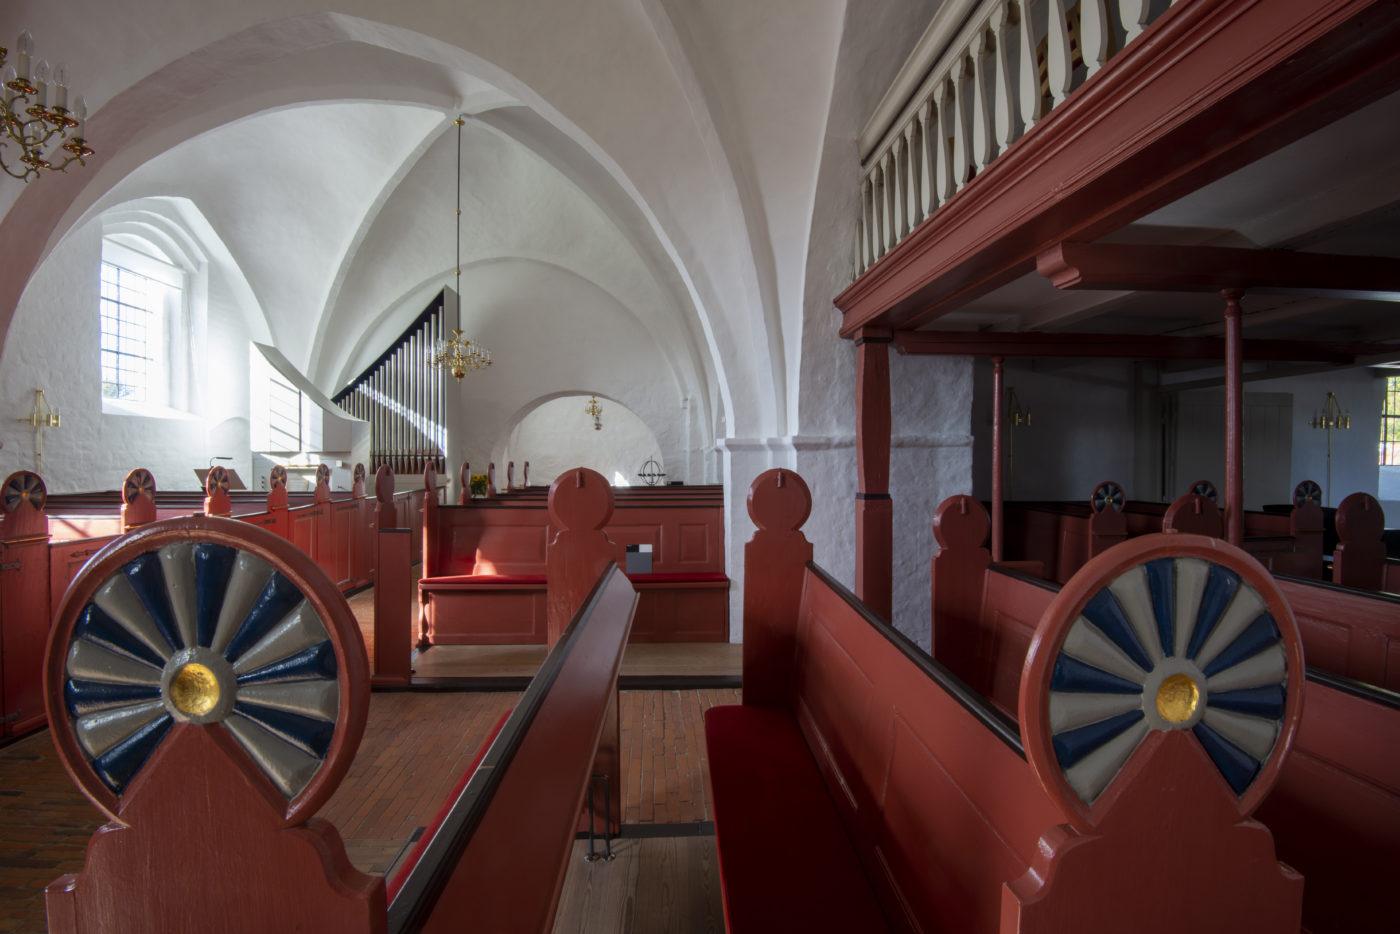 Gerlev Kirke restaurerede stolestader